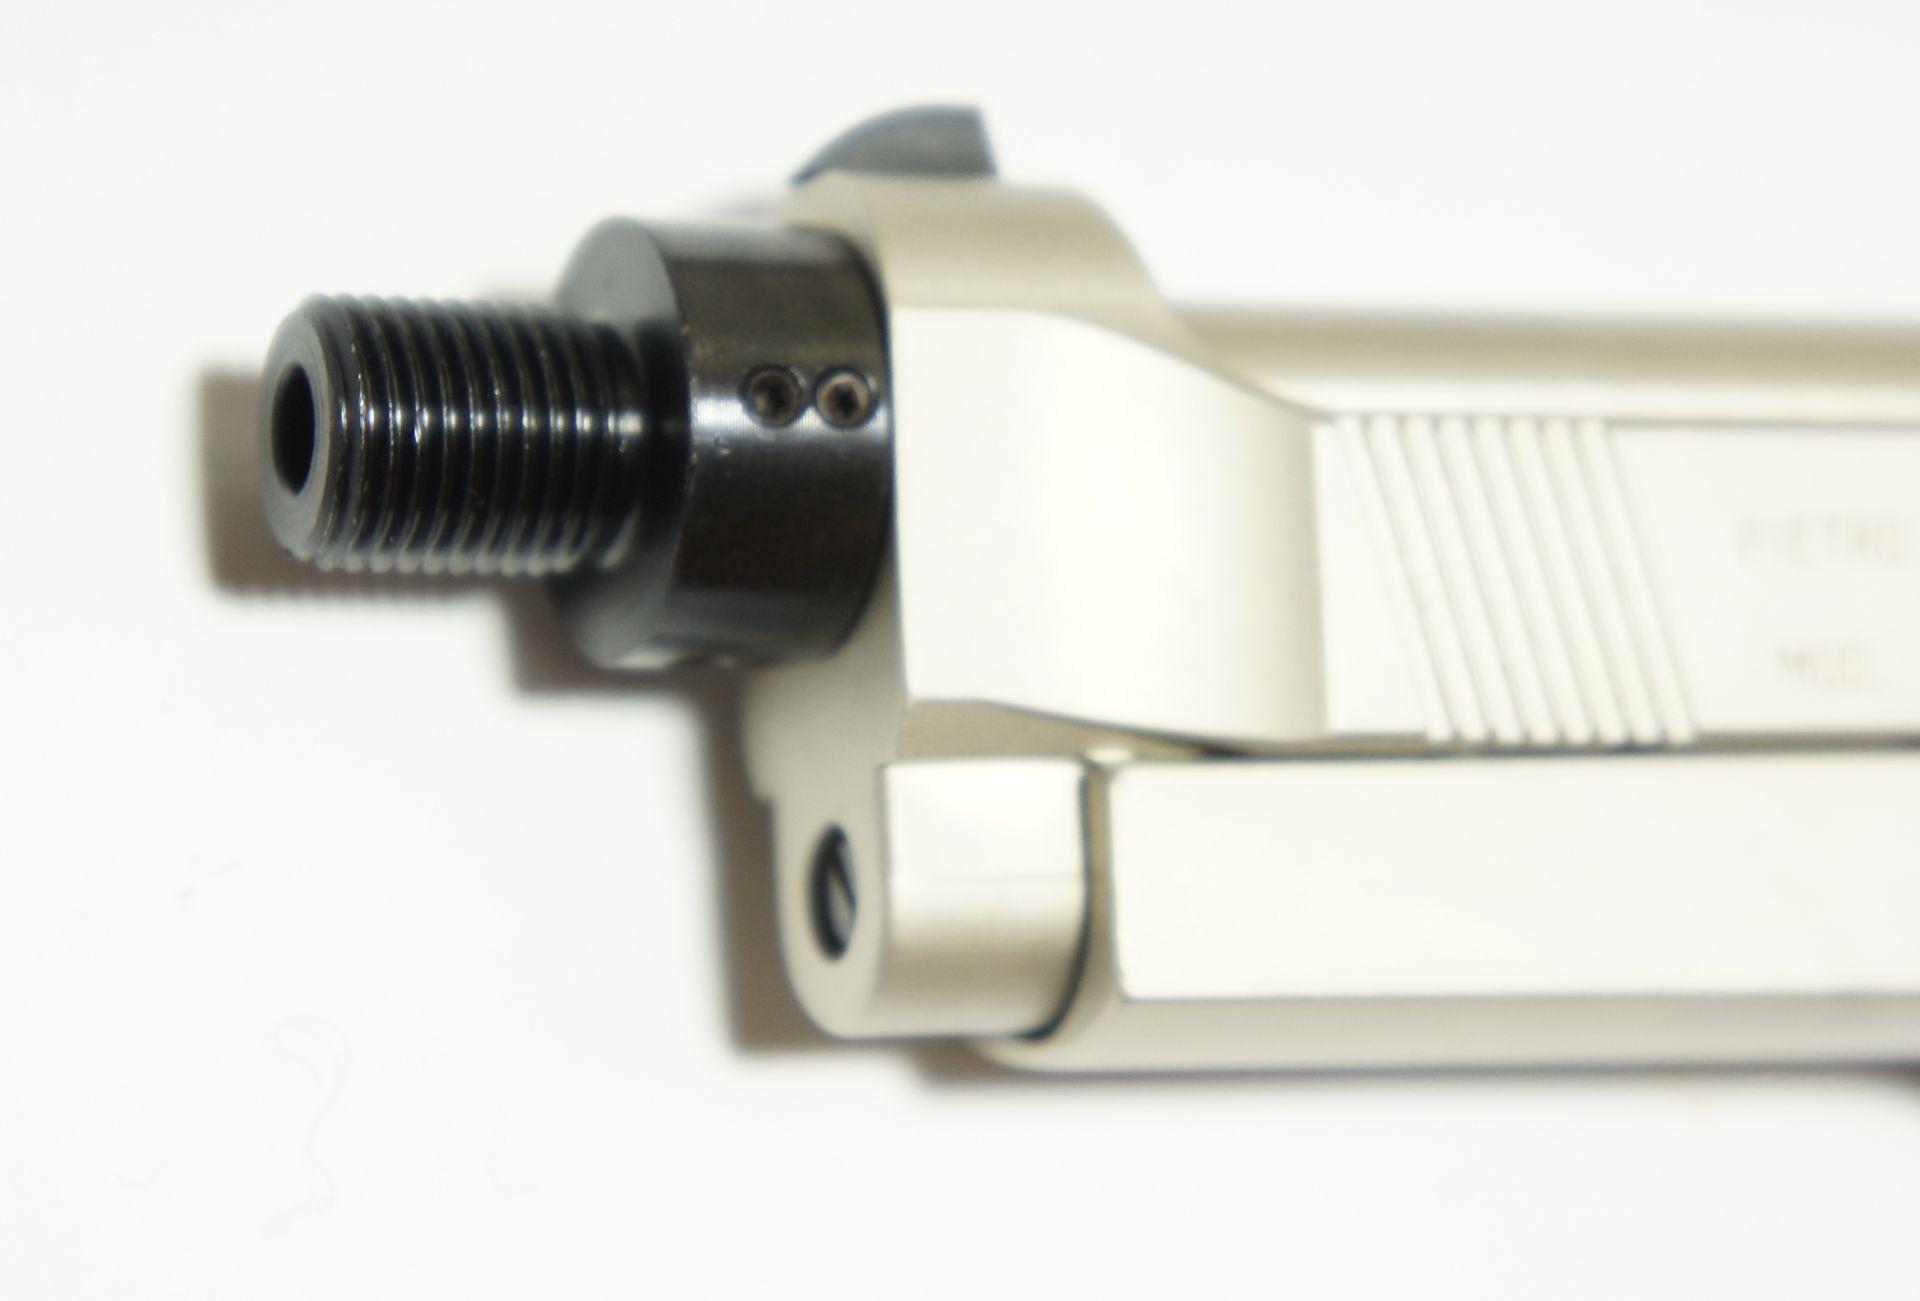 Als Zubehör möchte ich so einen  <a href=1165832.htm>Adapter </a>empfehlen. Der wir mit 8 Torx - Gewindestiften ausgerichtet und geklemmt. So ein Adapter aus eigener Fertigung sitzt fest und sicher.